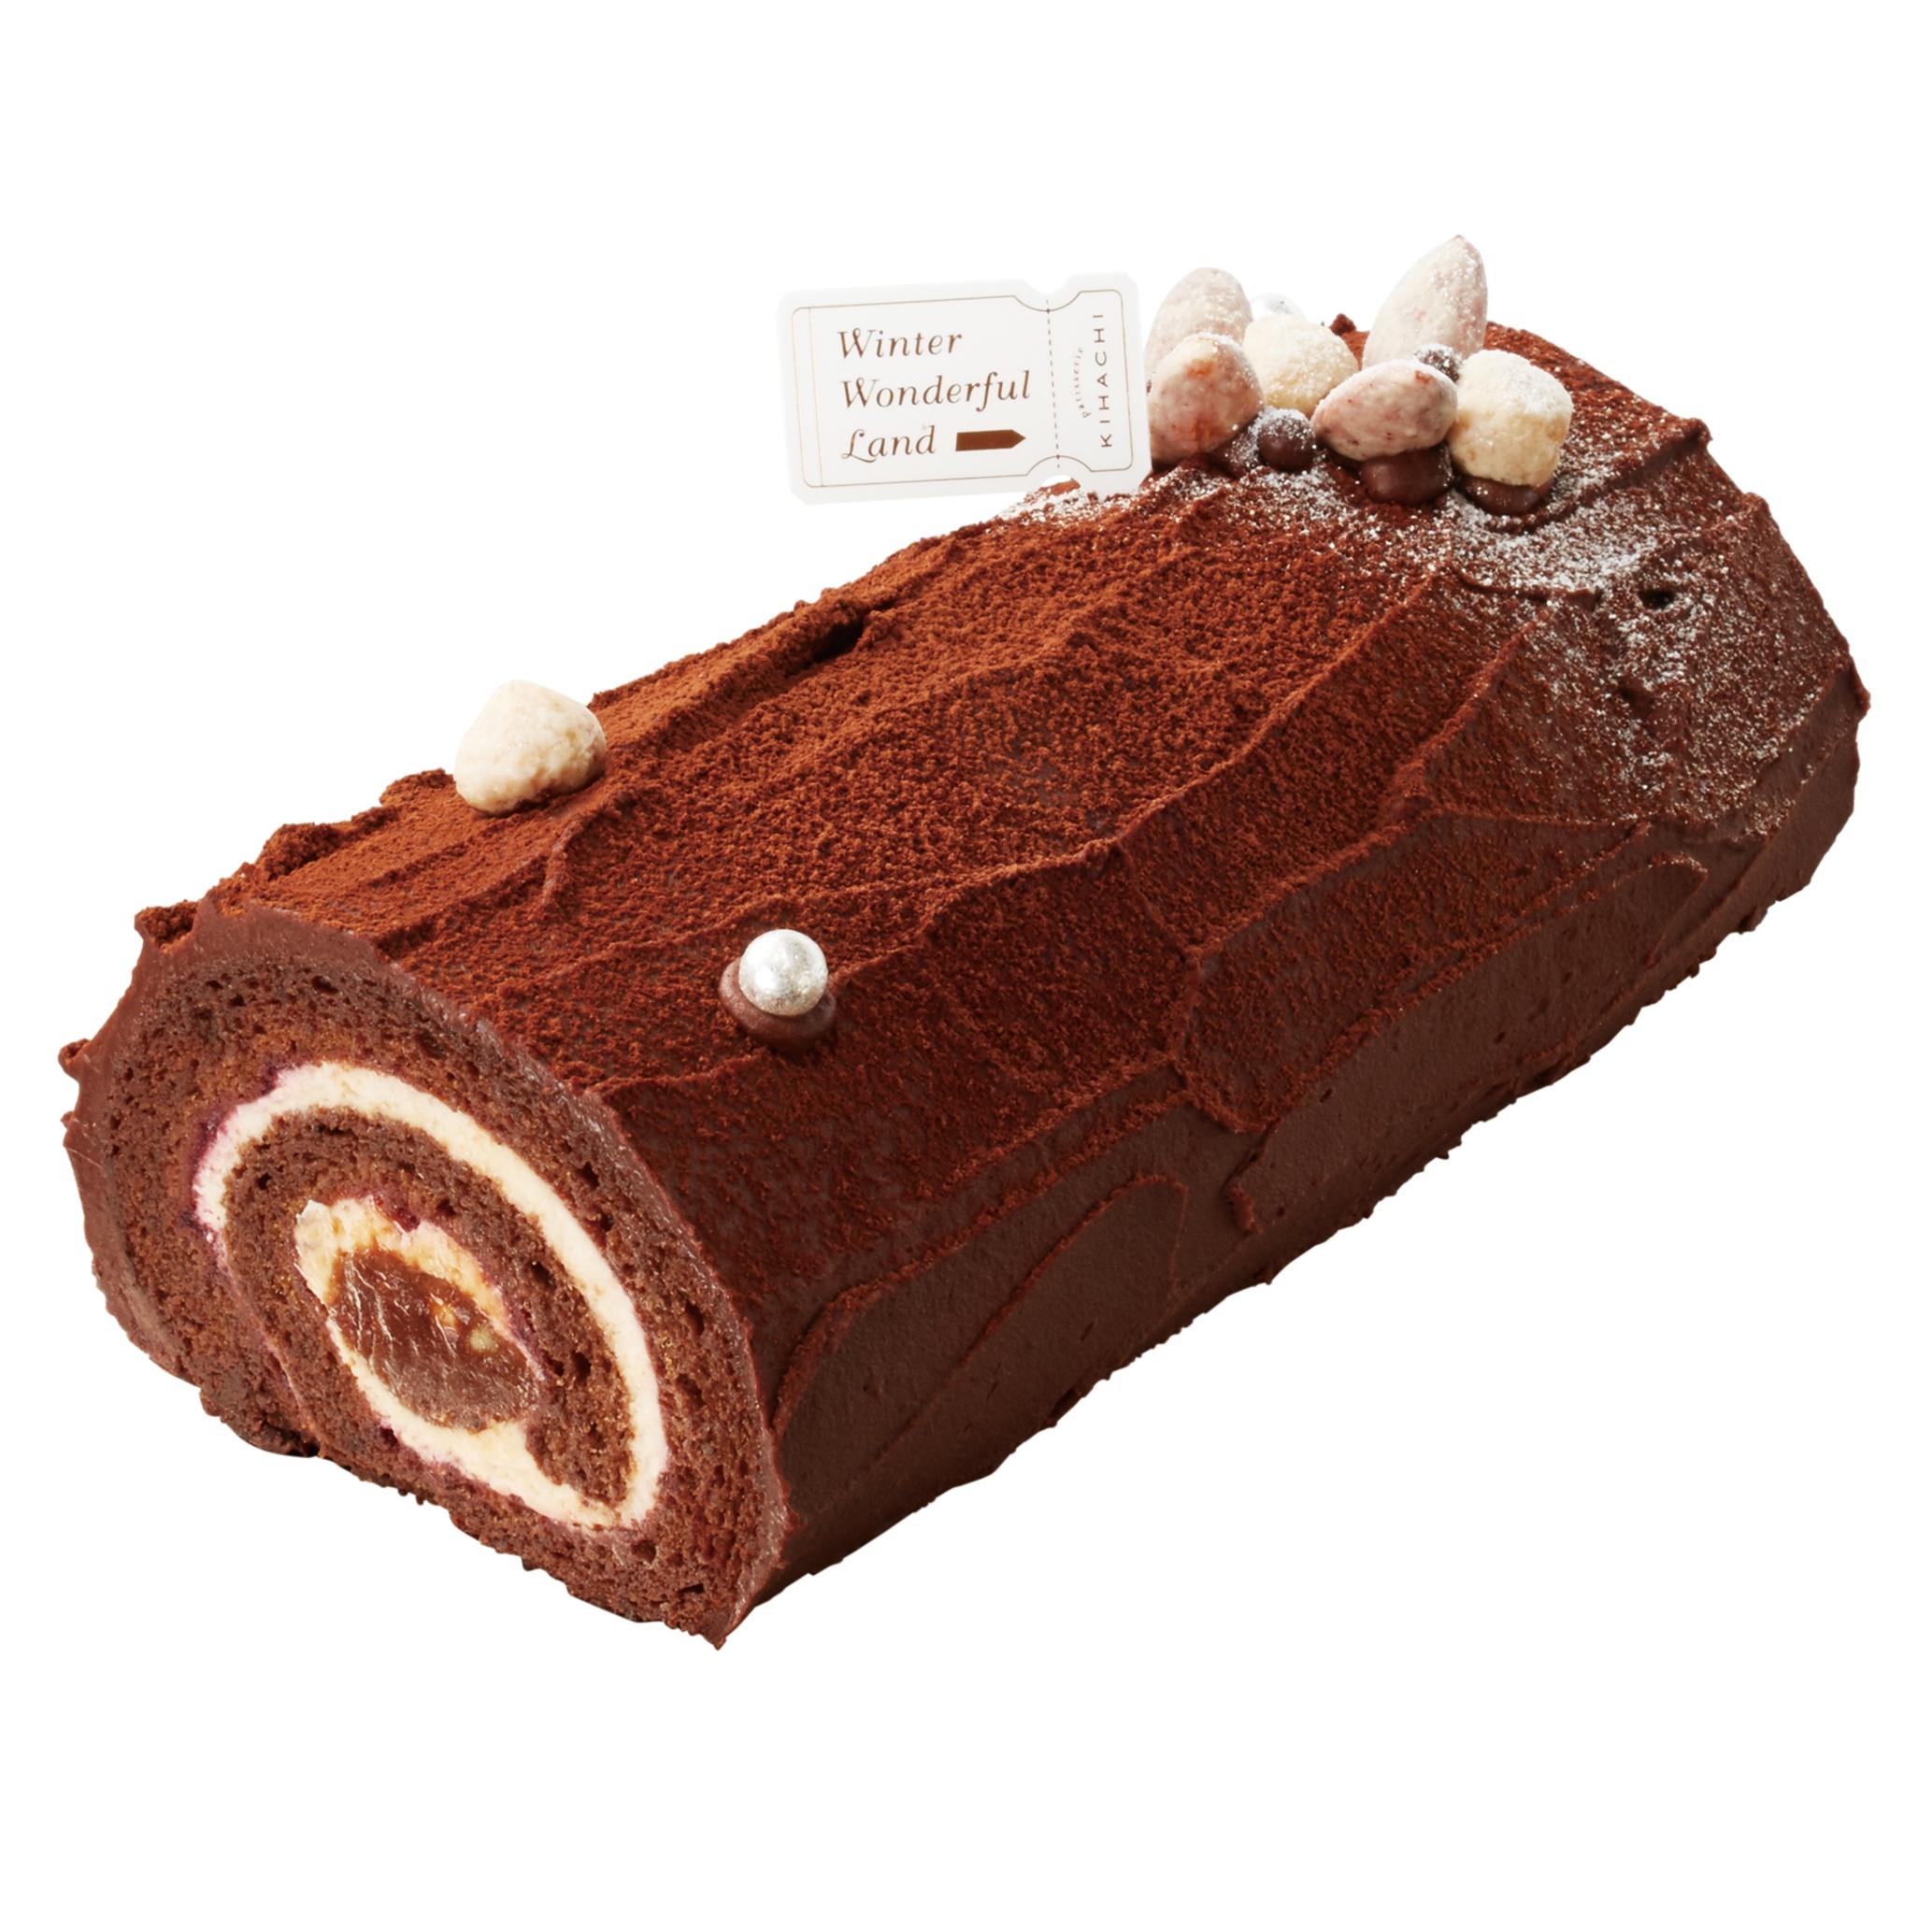 毎年おなじみのBOX型ケーキが今年も♡ 『パティスリー キハチ』のクリスマスケーキ、どれにする?【予約受付中&数量限定!】_1_3